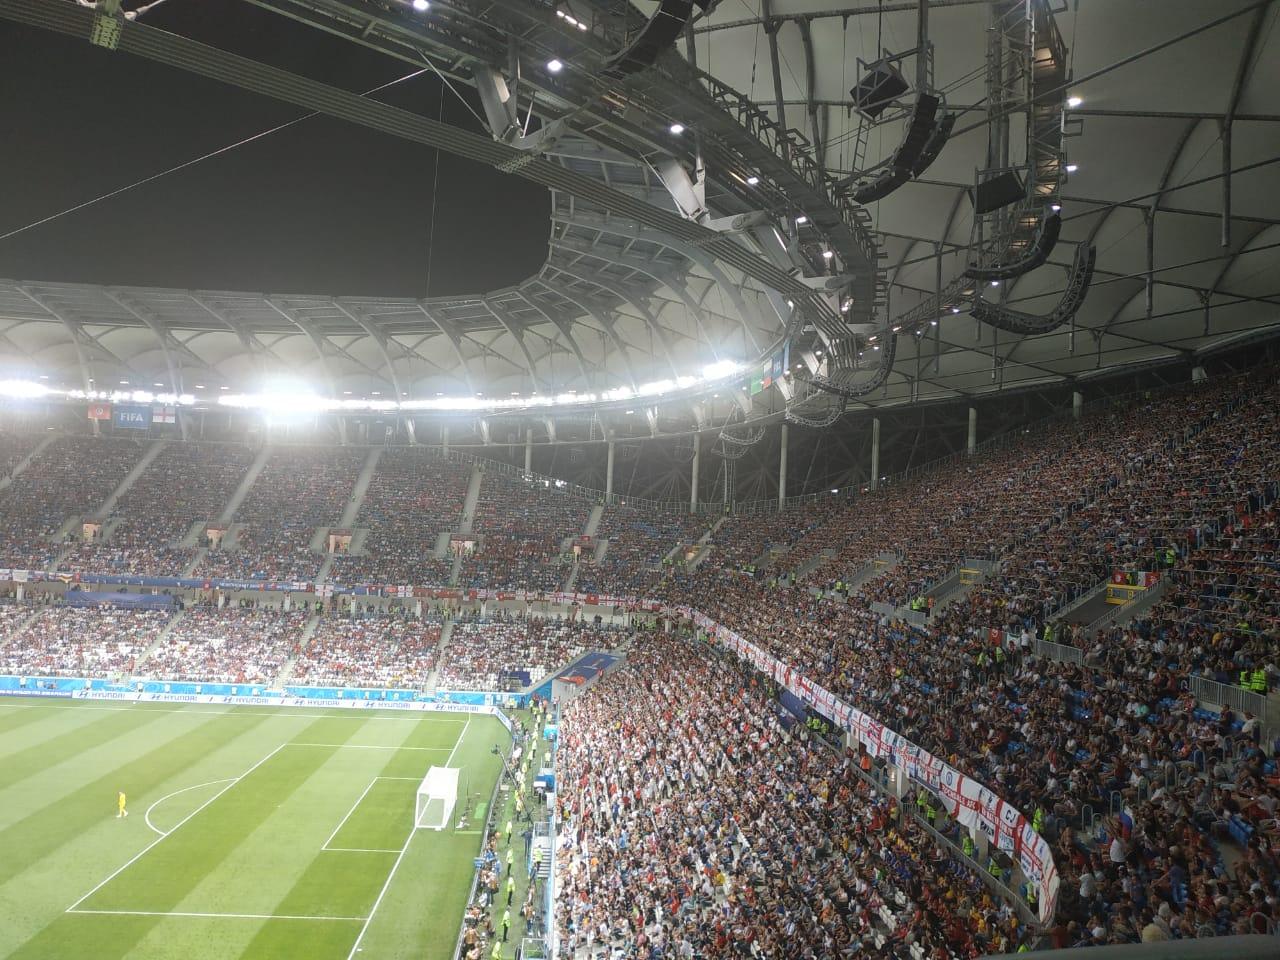 Сборная Англии допустила несколько не вынужденных ошибок, - волгоградский эксперт об игре англичан с тунисцами